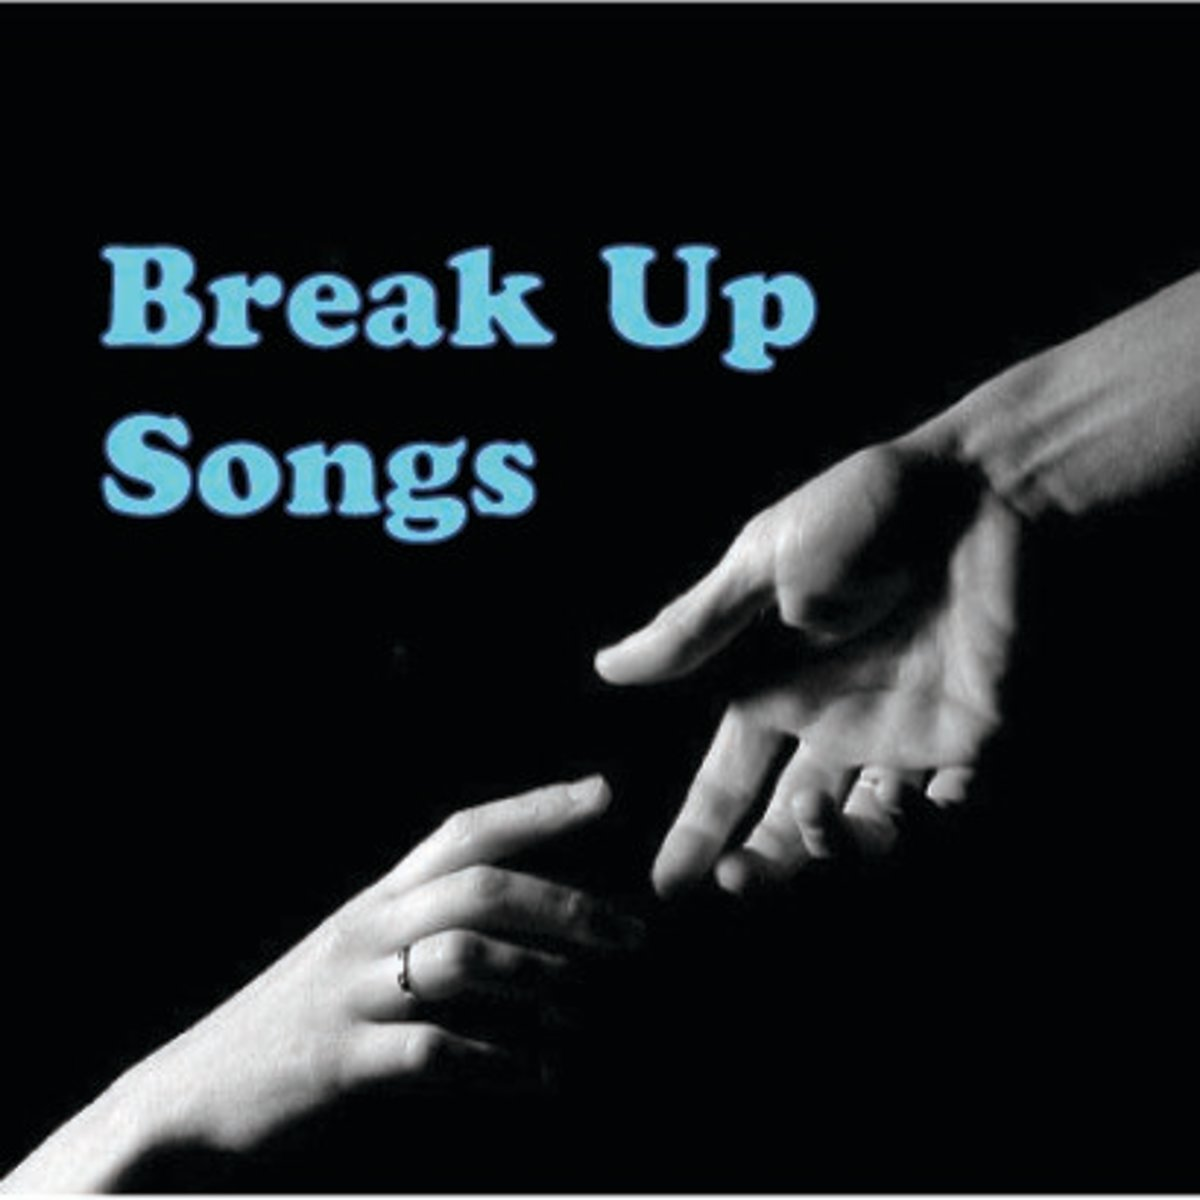 My Ten Favorite Break-Up Songs of All Time